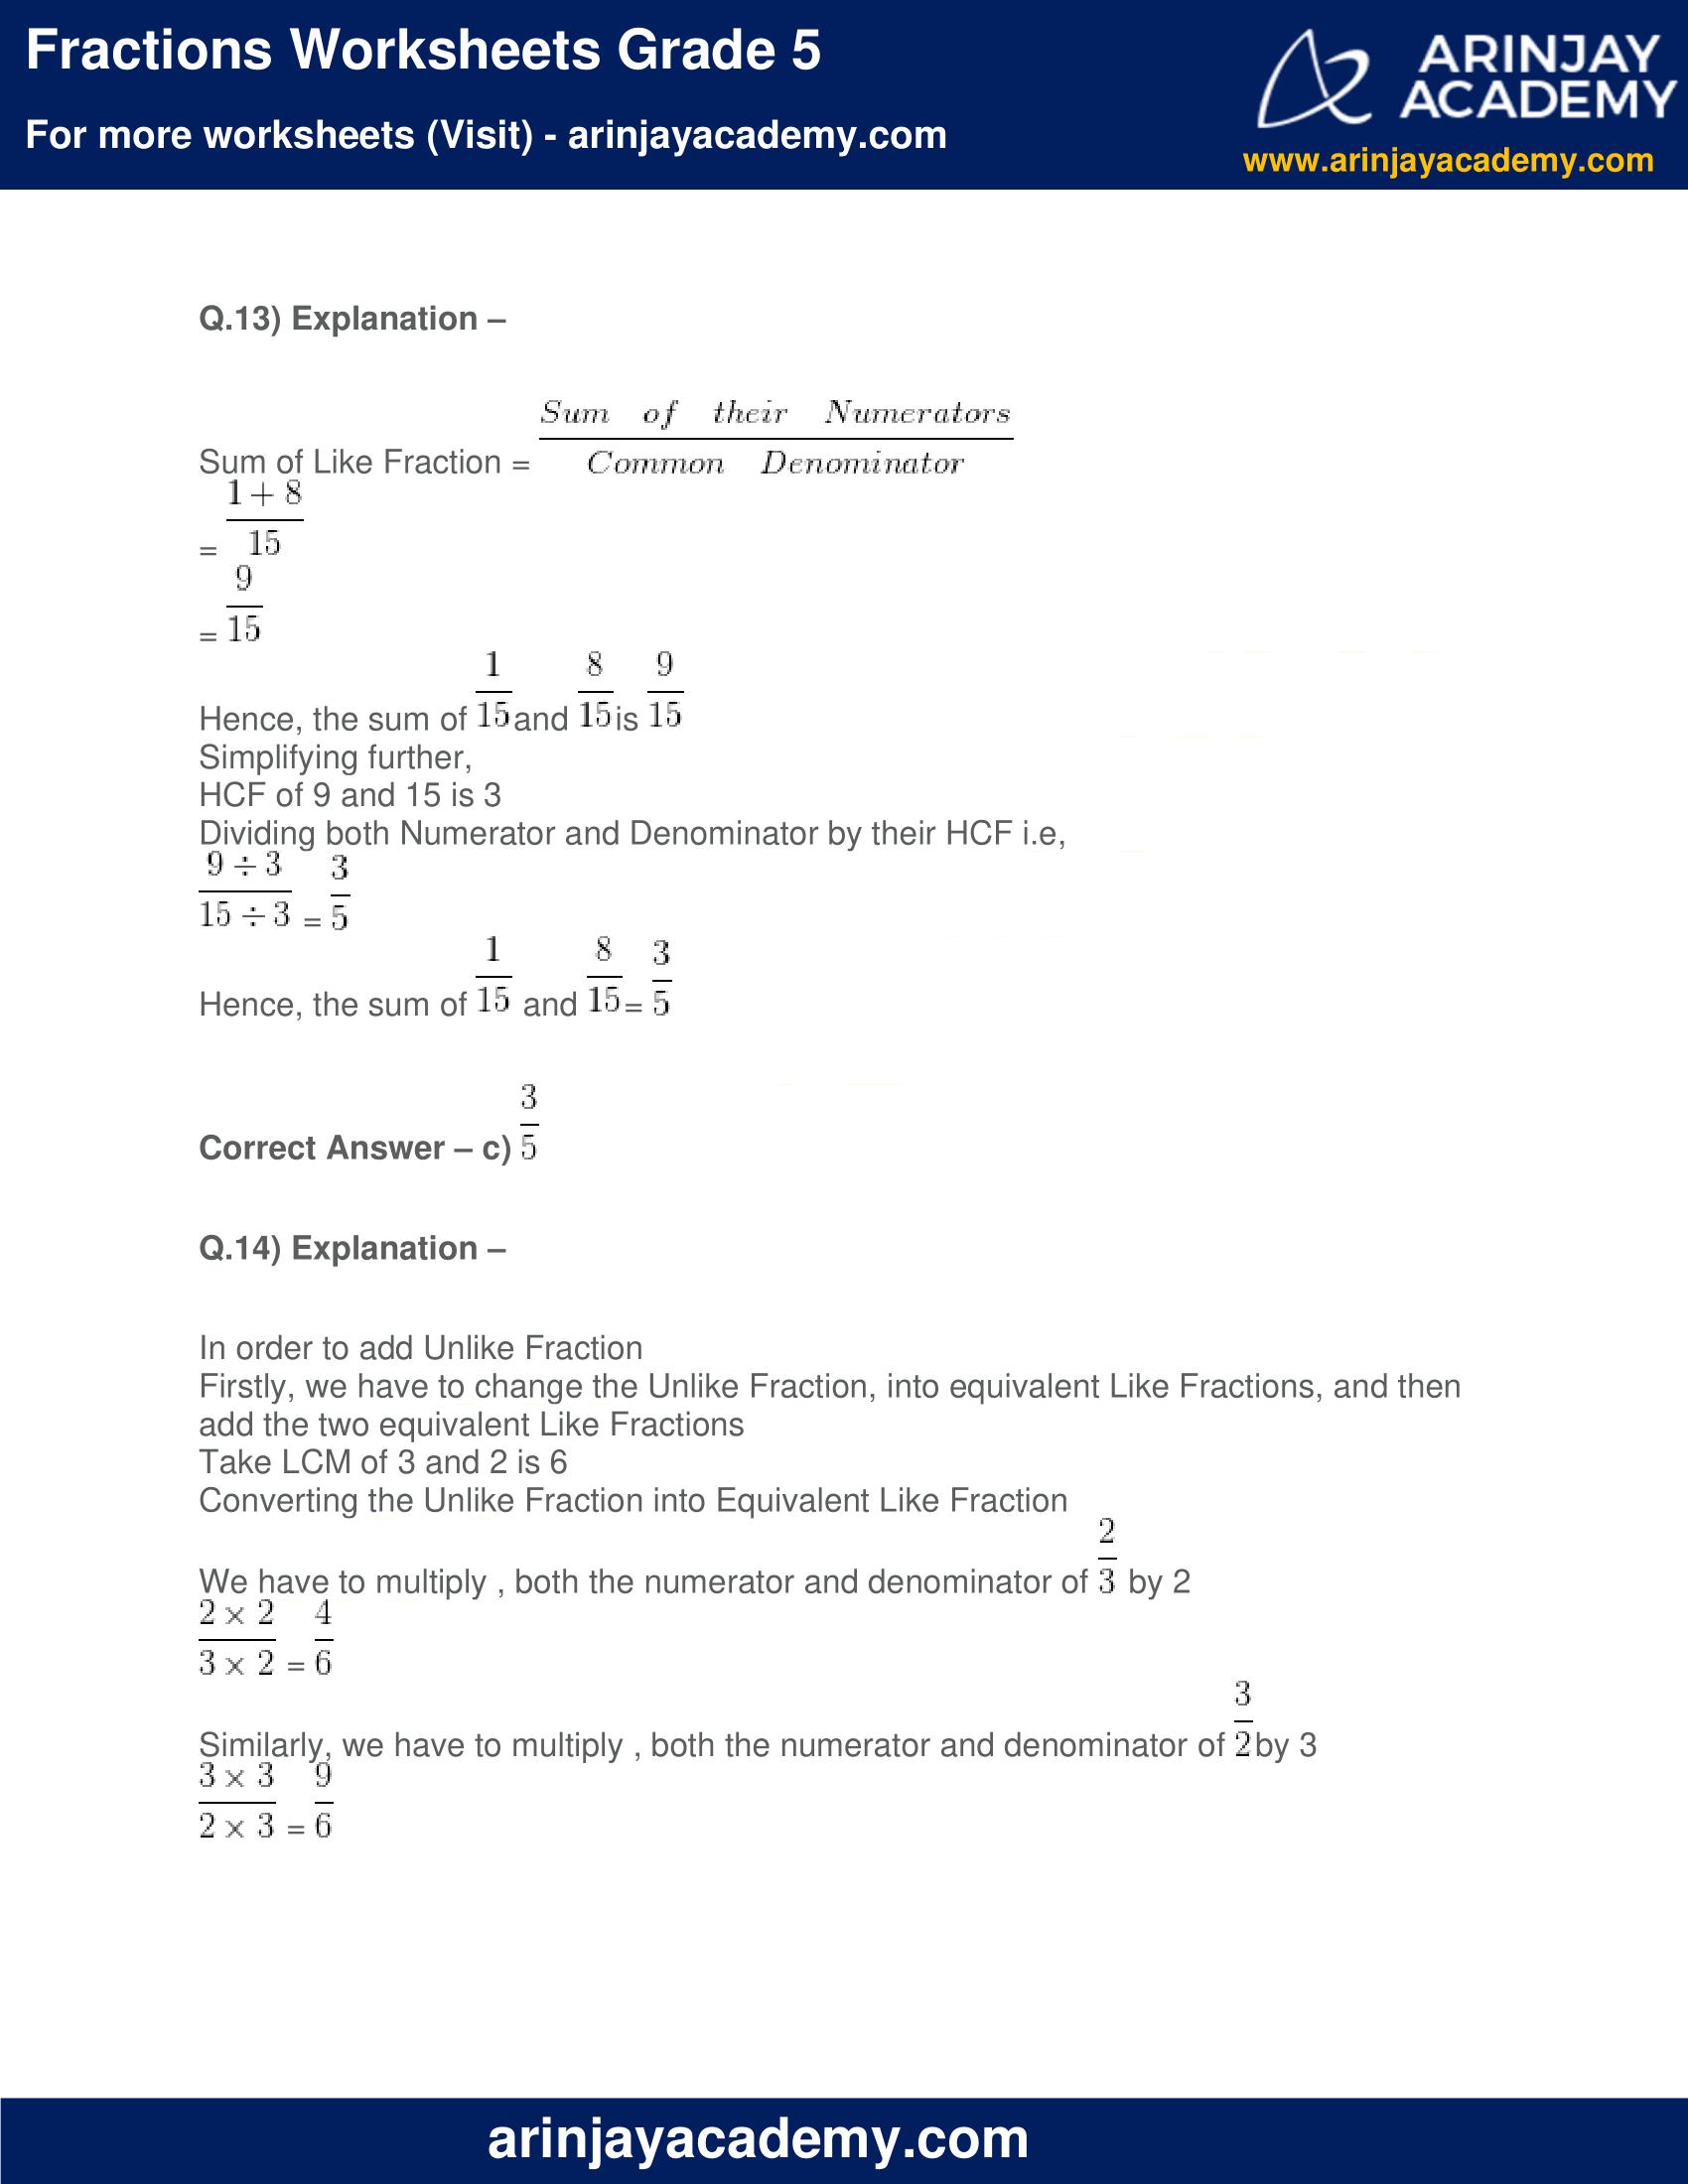 Fractions Worksheets Grade 5 image 10